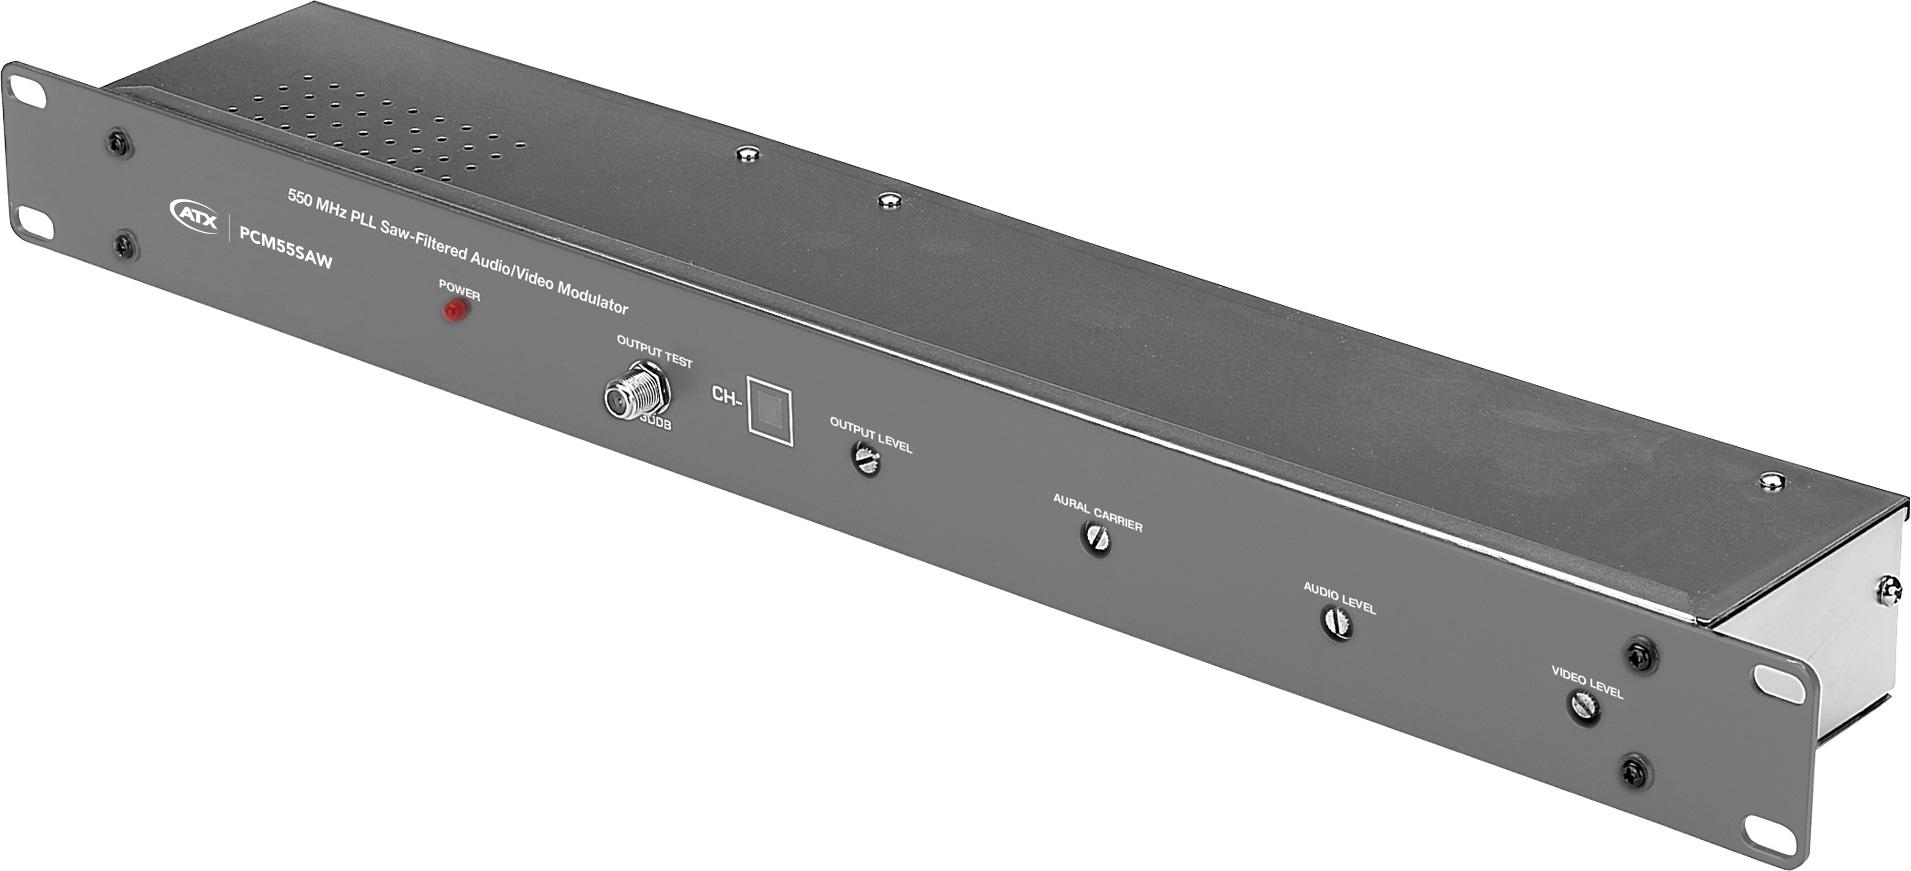 1 Channel Crystal A/V Modulator - Channel FF PM-PCM55SAW-FF